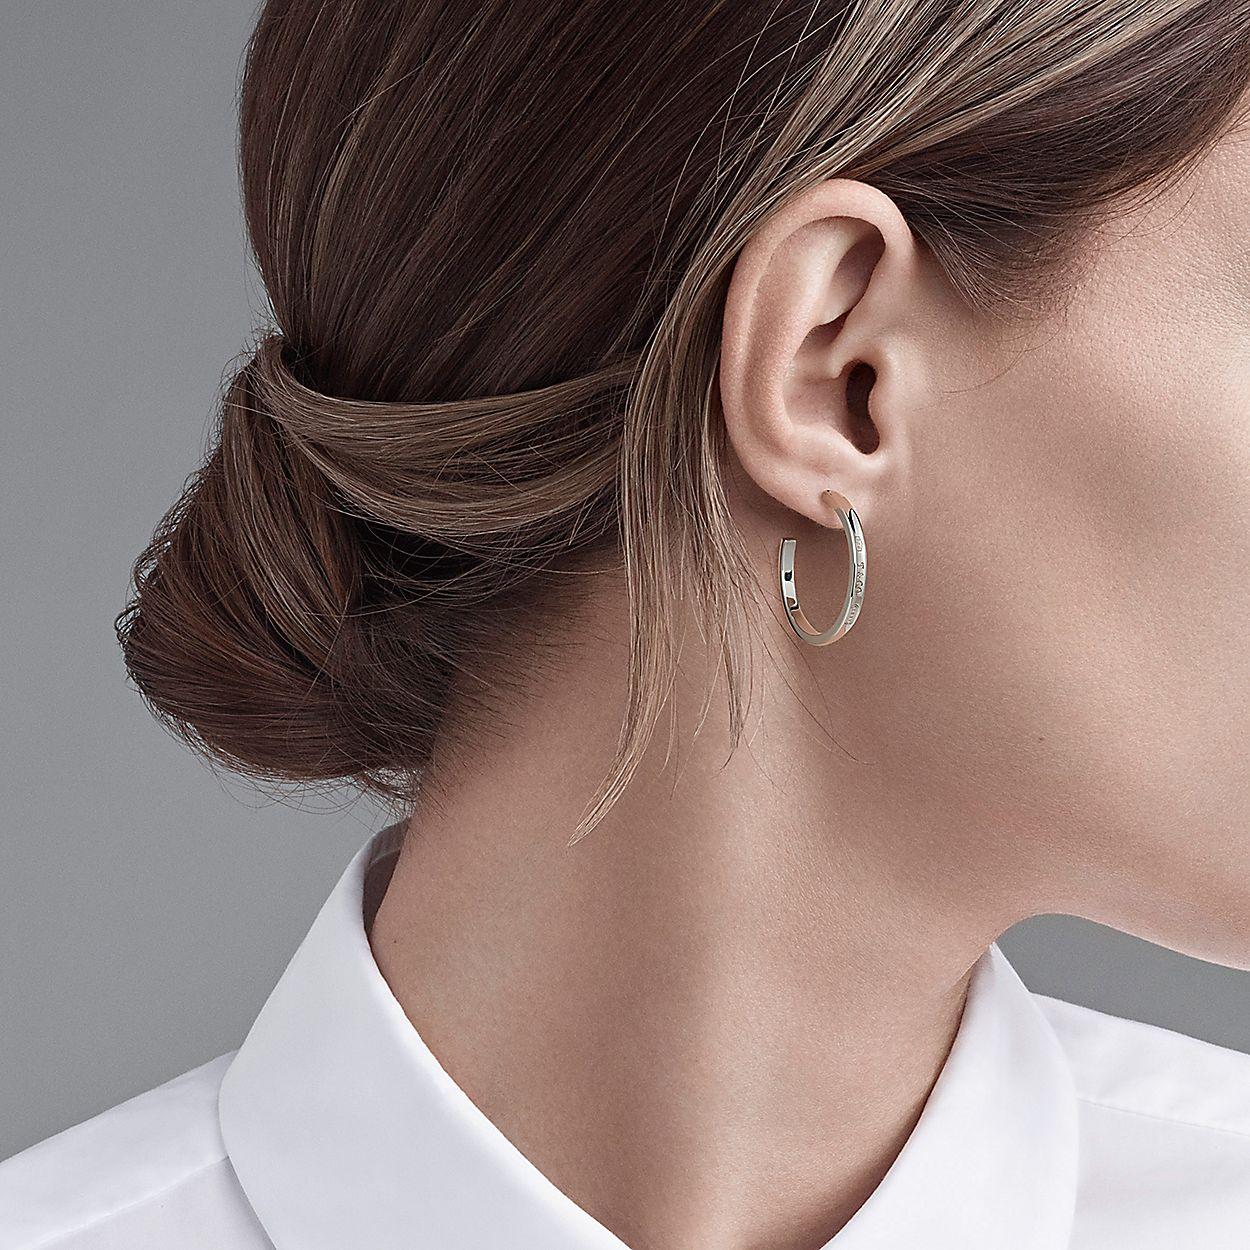 a5547b94d Tiffany 1837® narrow hoop earrings in sterling silver. | Tiffany & Co.